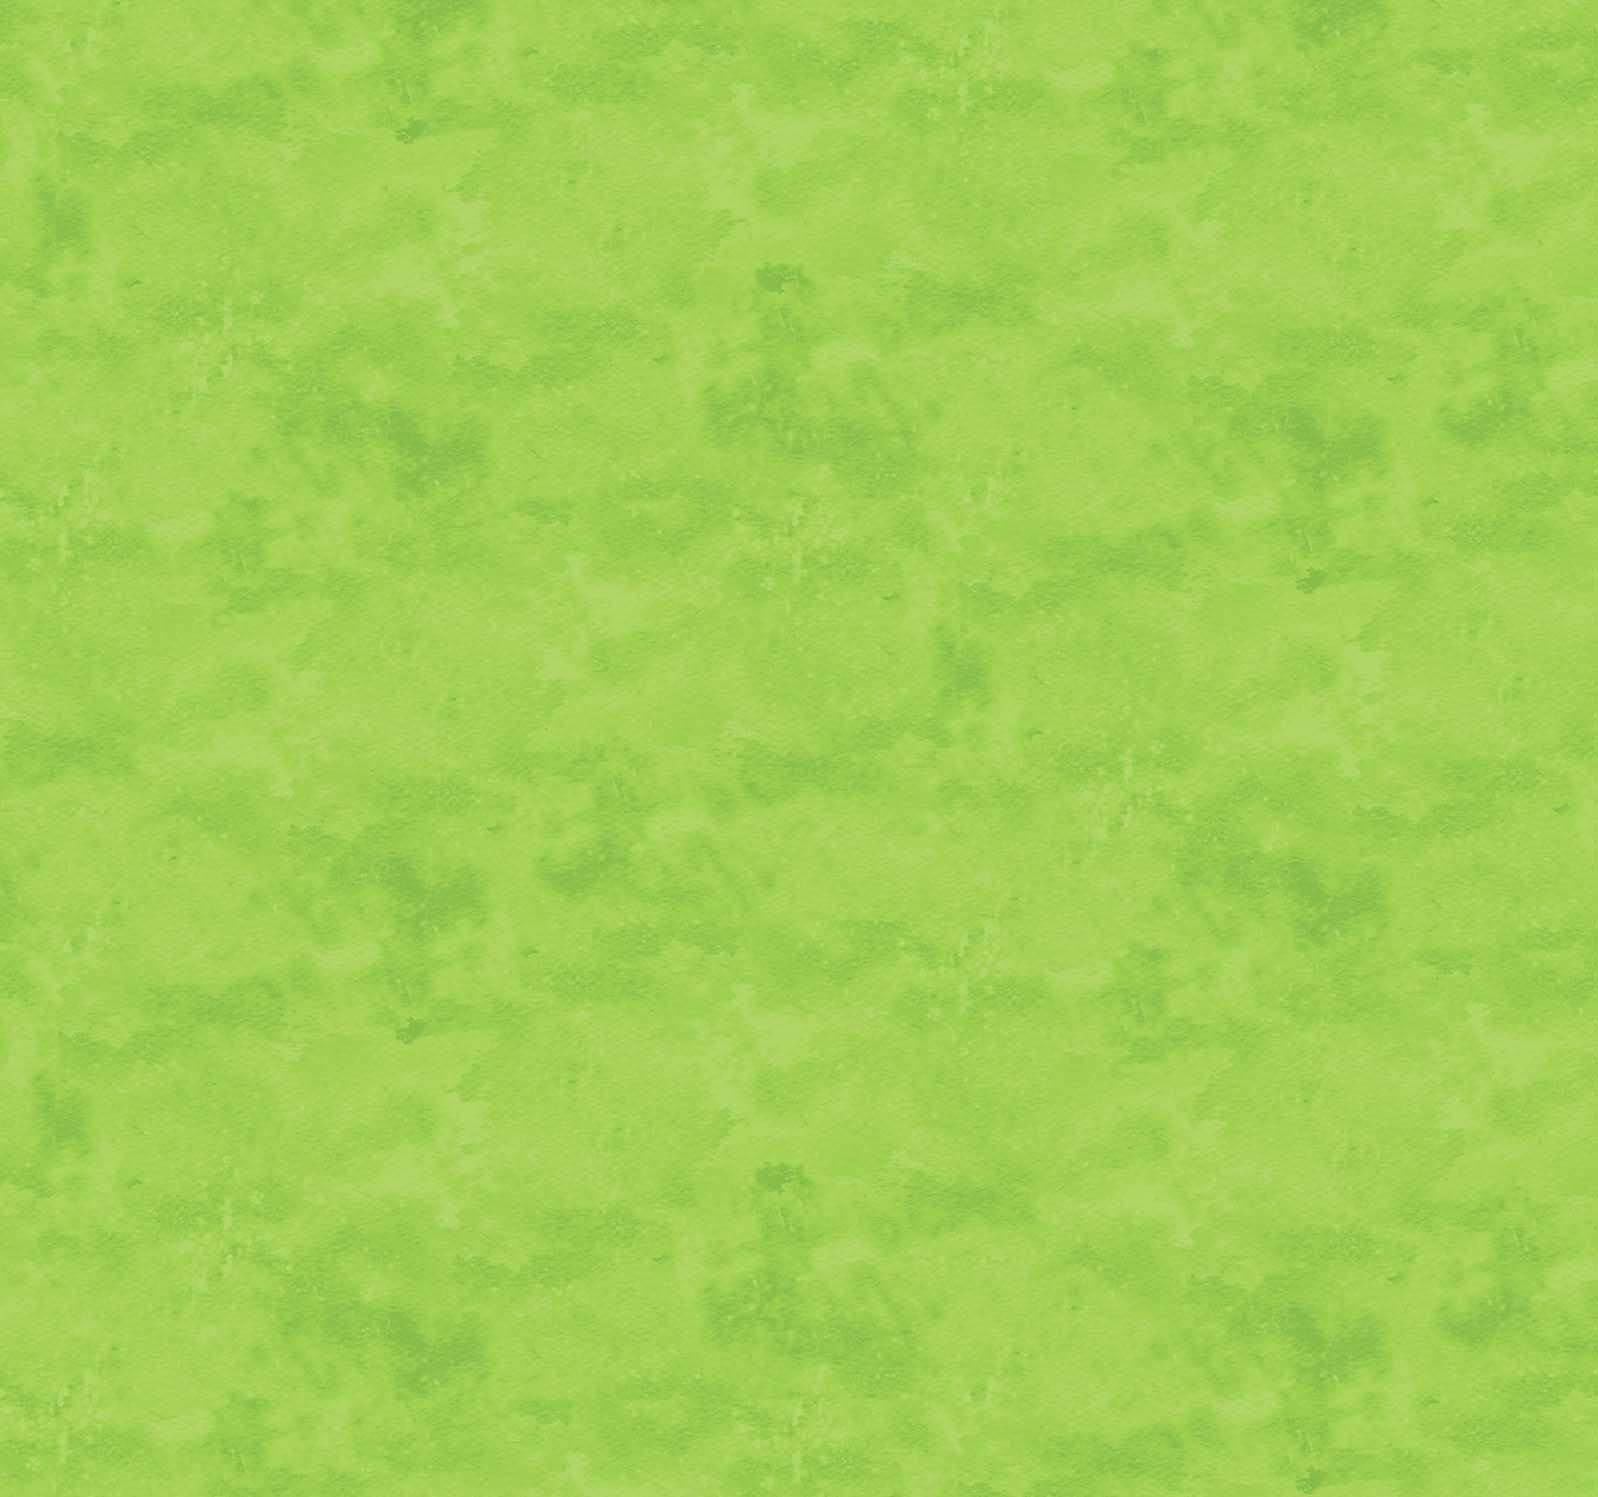 Toscana-Lime Twist